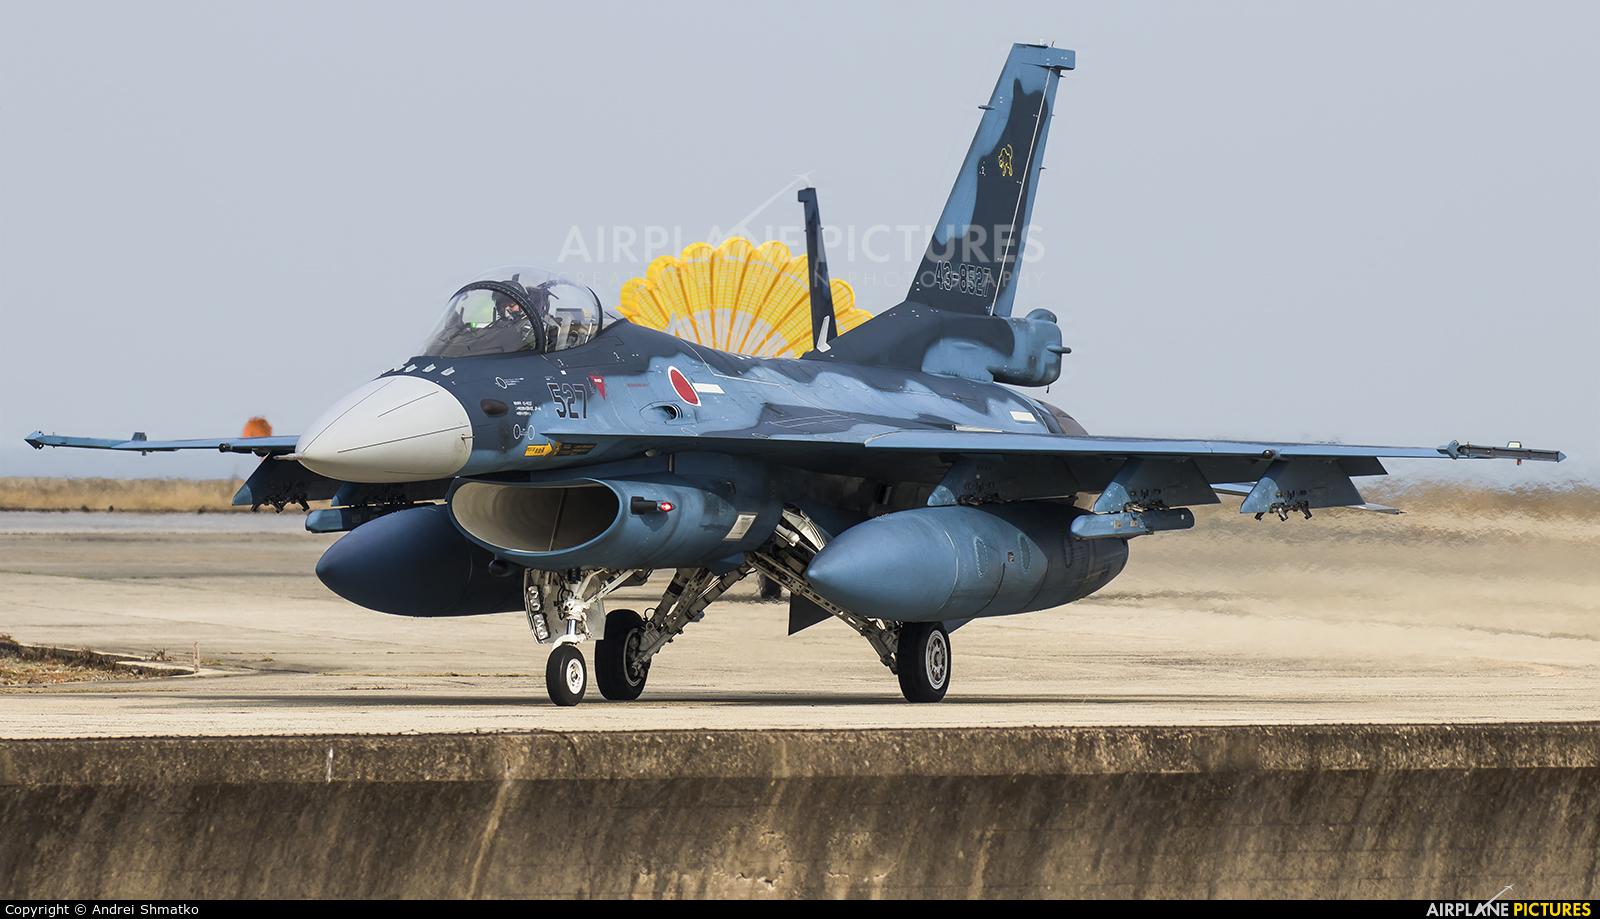 Japan - Air Self Defence Force 43-8527 aircraft at Tsuiki AB